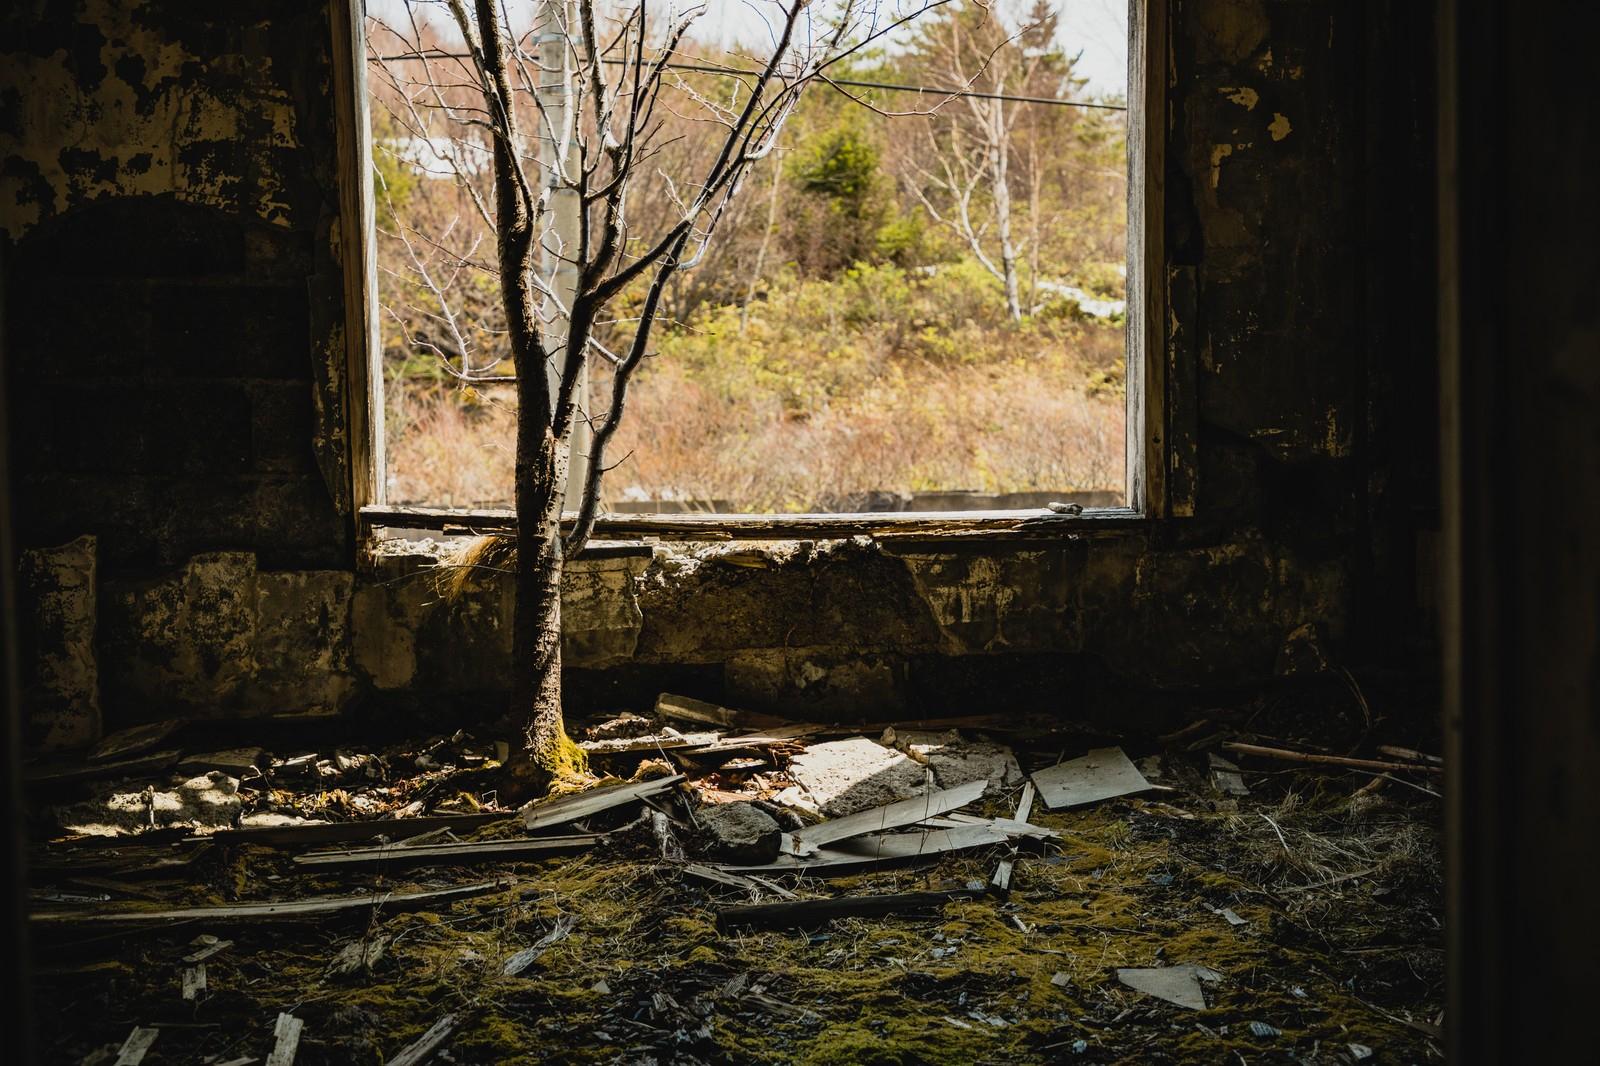 廃病院を肝試し中でいないはずの友達が!一緒にいた霊の存在